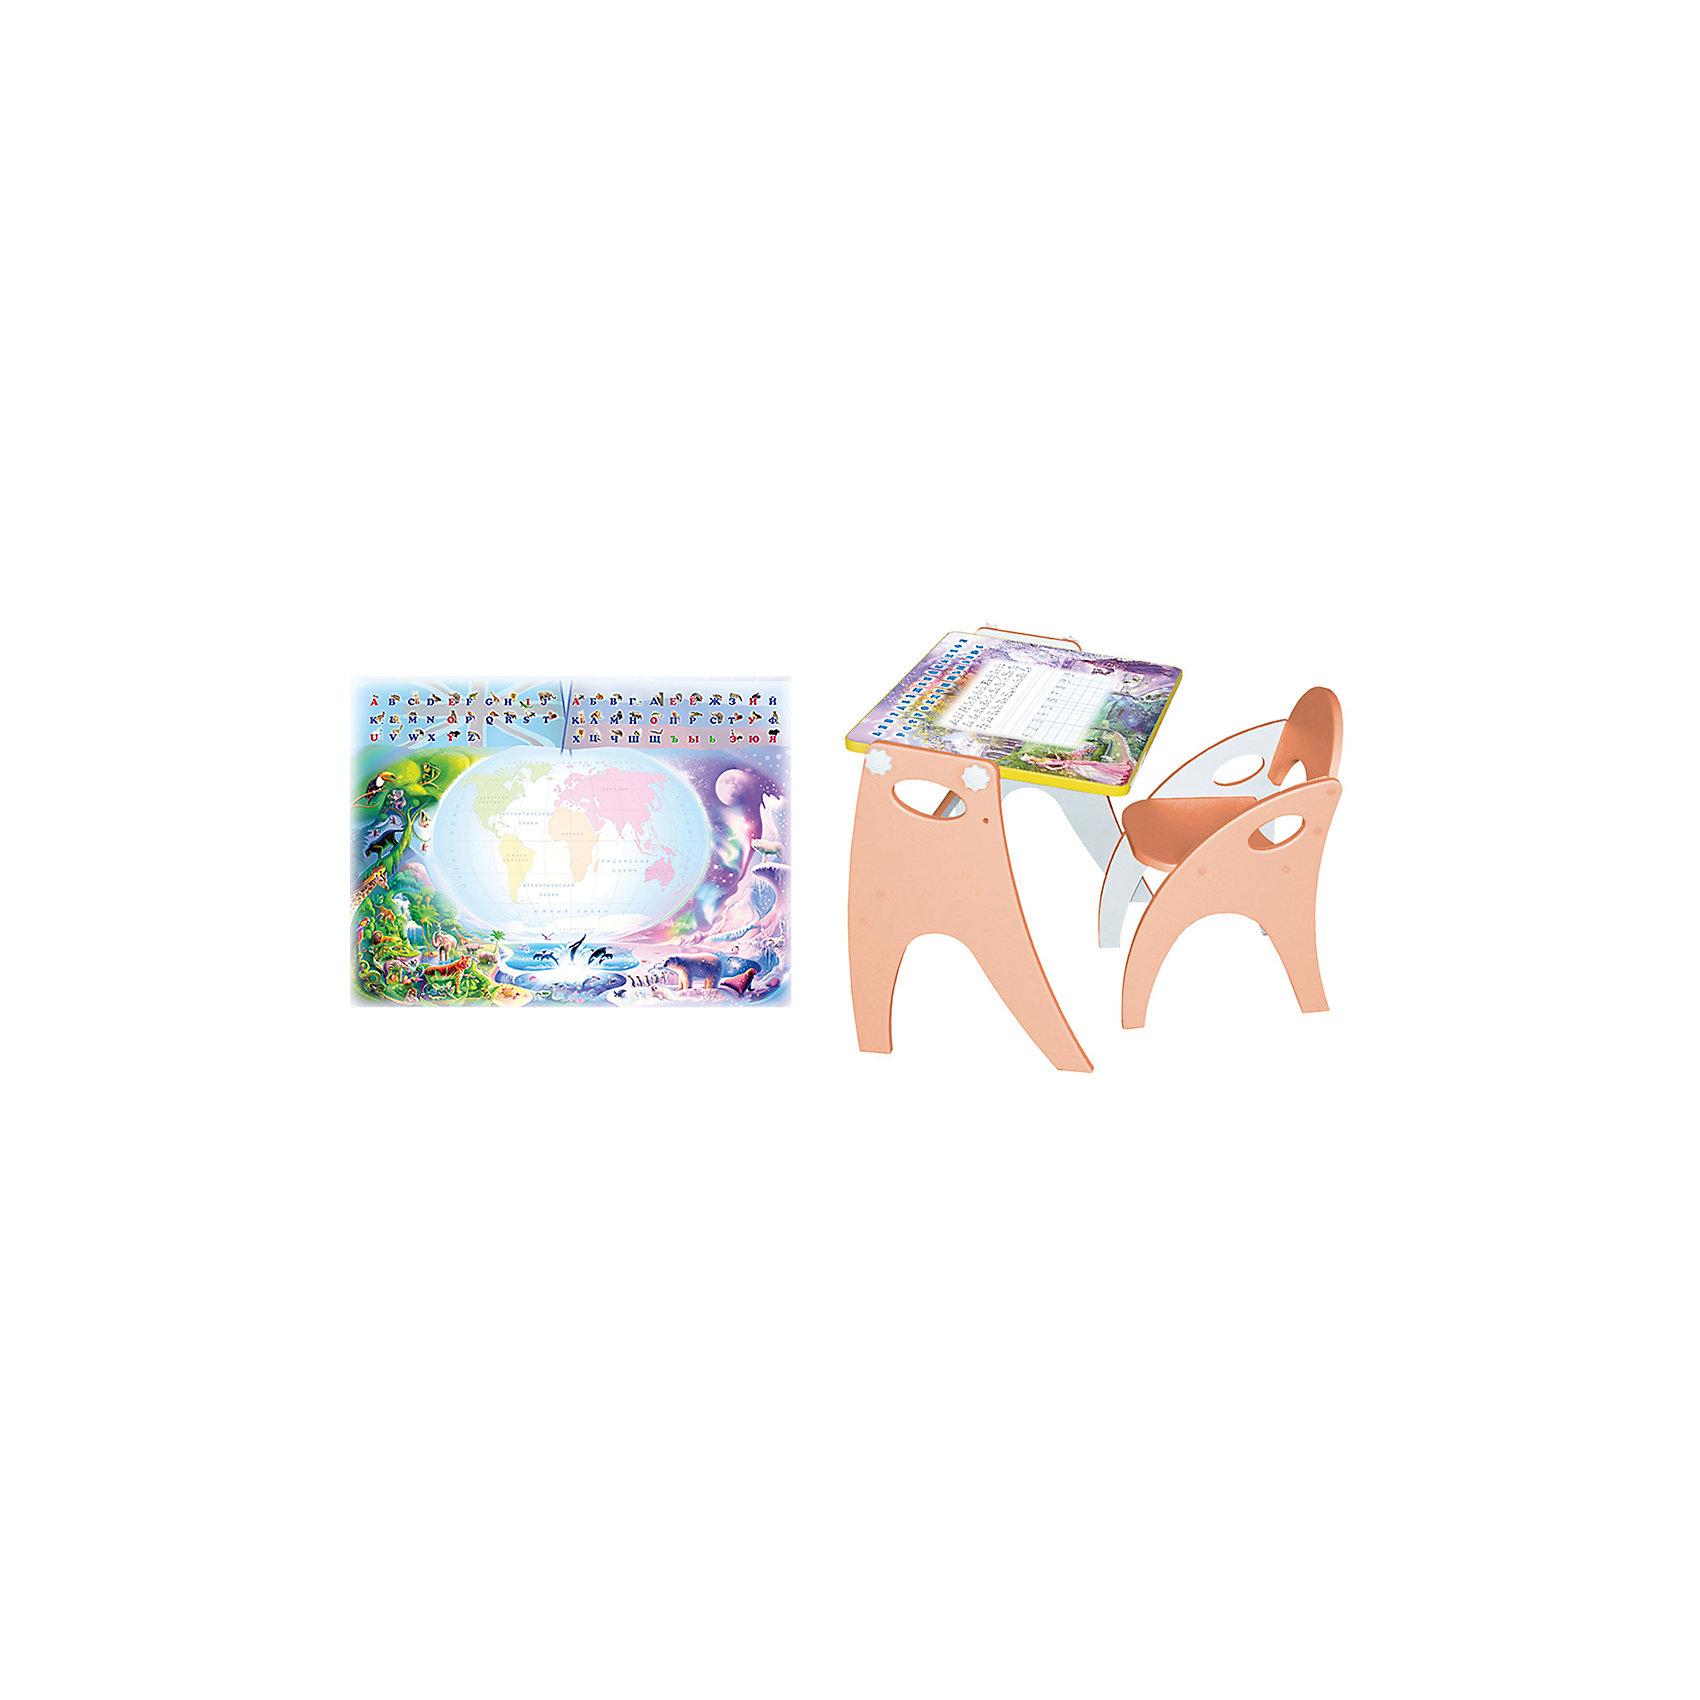 Набор мебели Части света, персиковыйНабор детской мебели Части света состоит из двух предметов: столик (трансформер) и стульчик.  Столик  имеет механизм трансформации, который позволяет превращать столик в парту и мольберт. Поворот осуществляется при помощи поворотного шарнира, а фиксация - скрепляющими барашками. <br>Столешница парты изготавливается из МДФ и с одной стороны имеет маркерную, с другой - грифельную поверхность.<br><br>Дополнительная информация:<br><br>- Цвет: персиковый<br>- Материал: МДФ  ламинированный ПВХ пленкой.<br>- Возраст: от 3-х лет<br>- Вес: 11.5 кг. <br>- Размеры: <br>      парта: 62x40x50 см, <br>      стул:  40x30x50 см, <br>      мольберт: 62x40x70 см.<br><br>Набор мебели Части света в персиковом цвете, можно купить в нашем магазине<br><br>Ширина мм: 600<br>Глубина мм: 120<br>Высота мм: 450<br>Вес г: 11500<br>Возраст от месяцев: 36<br>Возраст до месяцев: 108<br>Пол: Унисекс<br>Возраст: Детский<br>SKU: 4718349